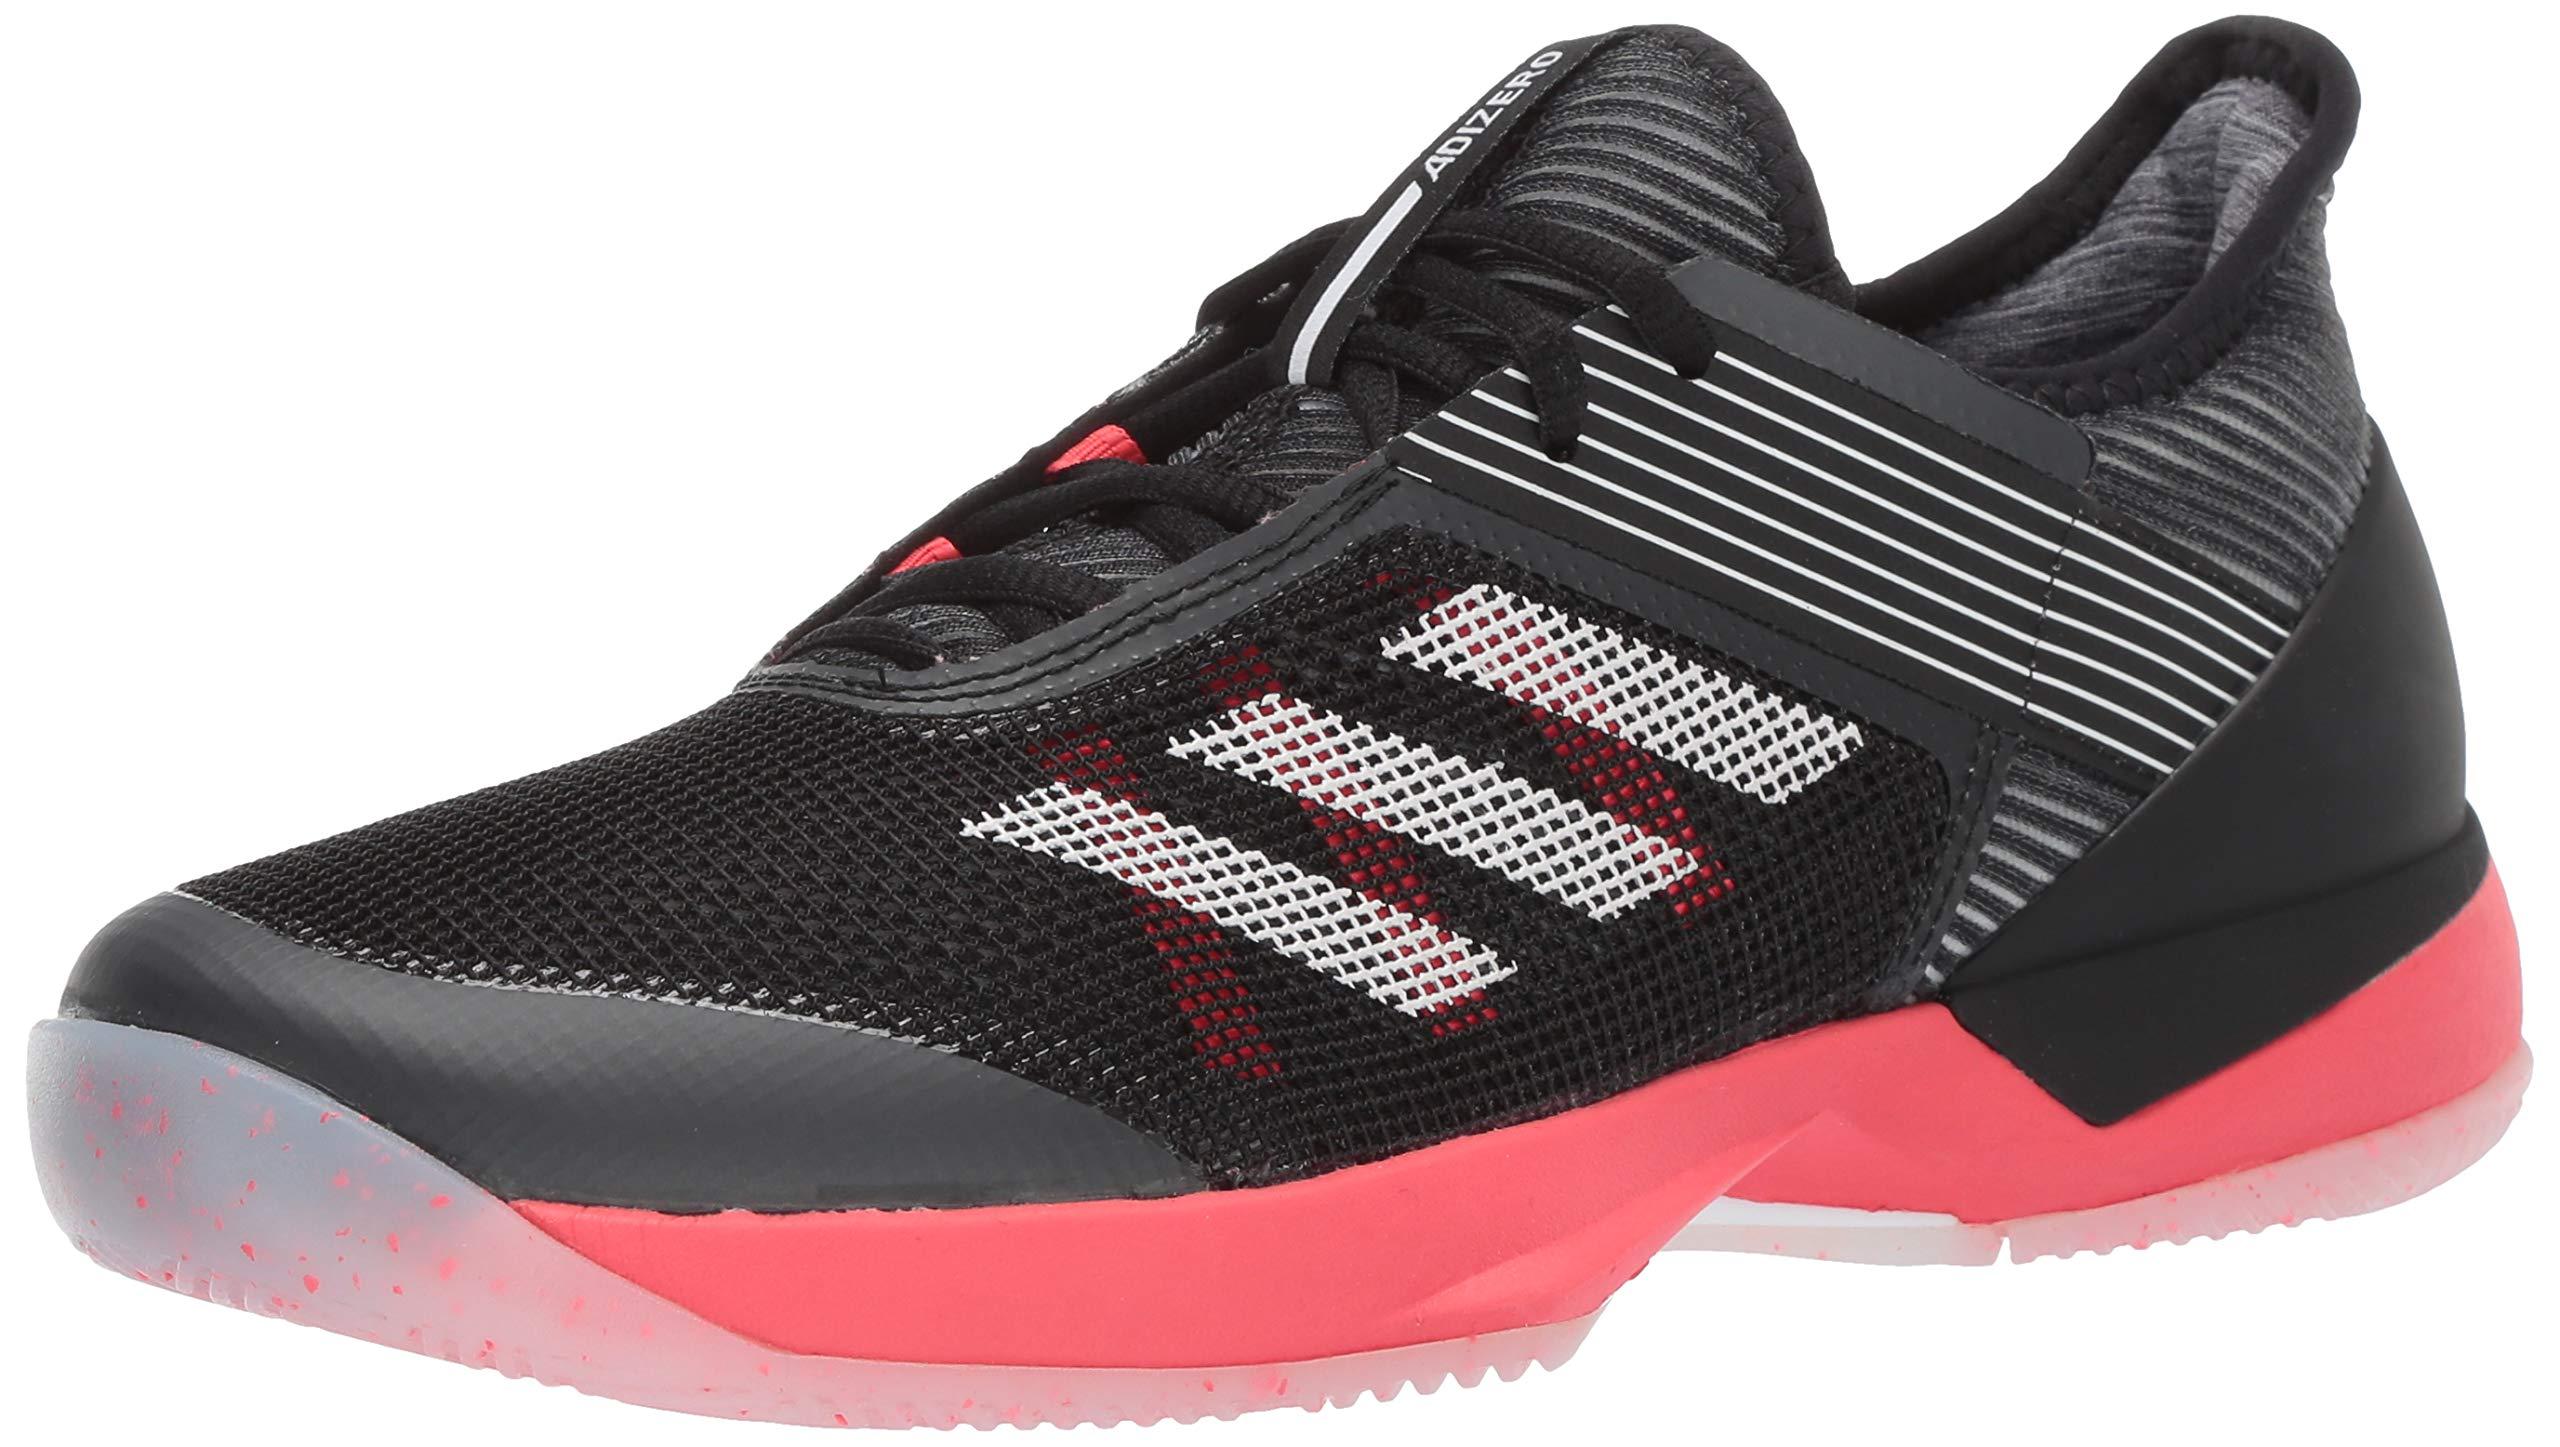 adidas Women's Adizero Ubersonic 3, Black/White/Shock red, 5 M US